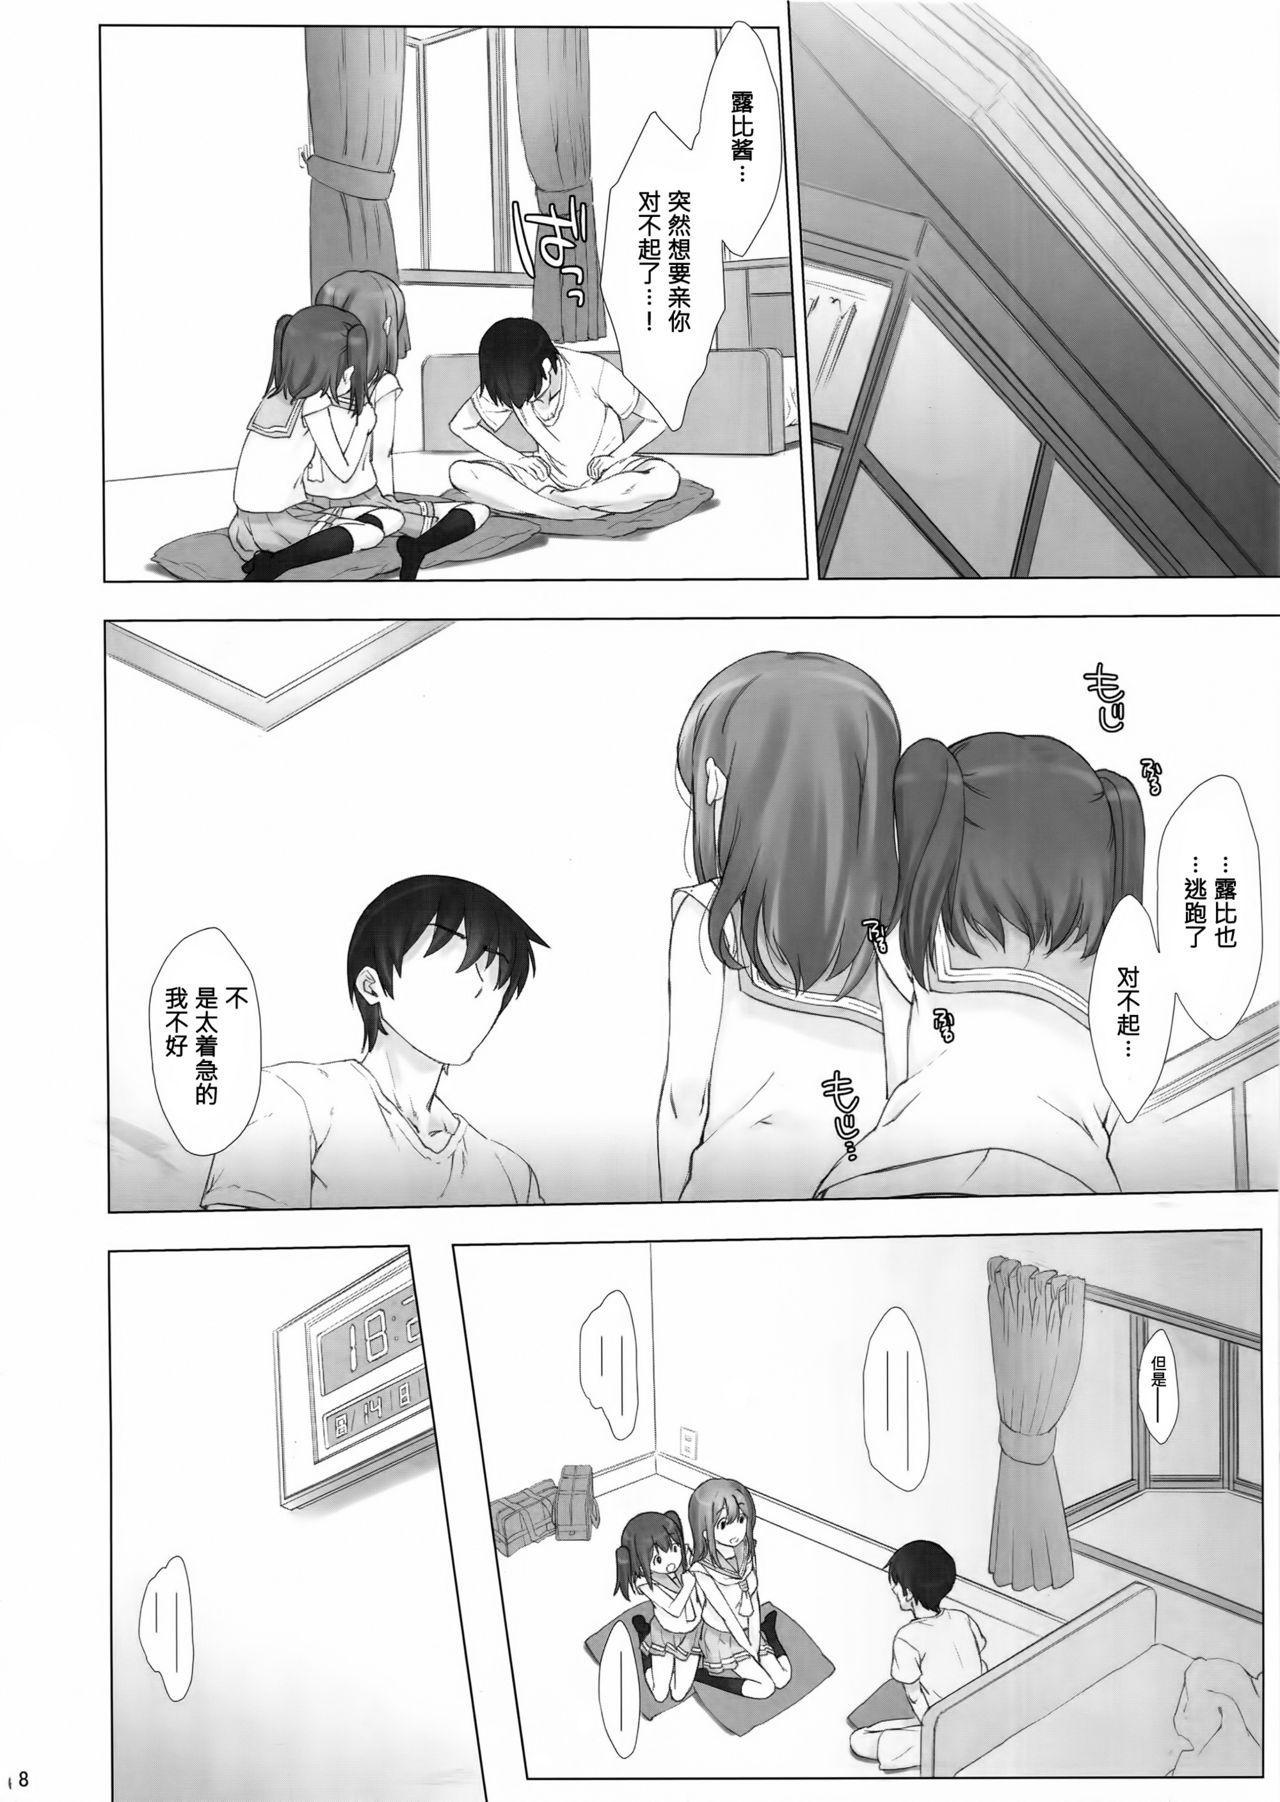 Ore no Kanojo wa Ruby to Hanamaru 9